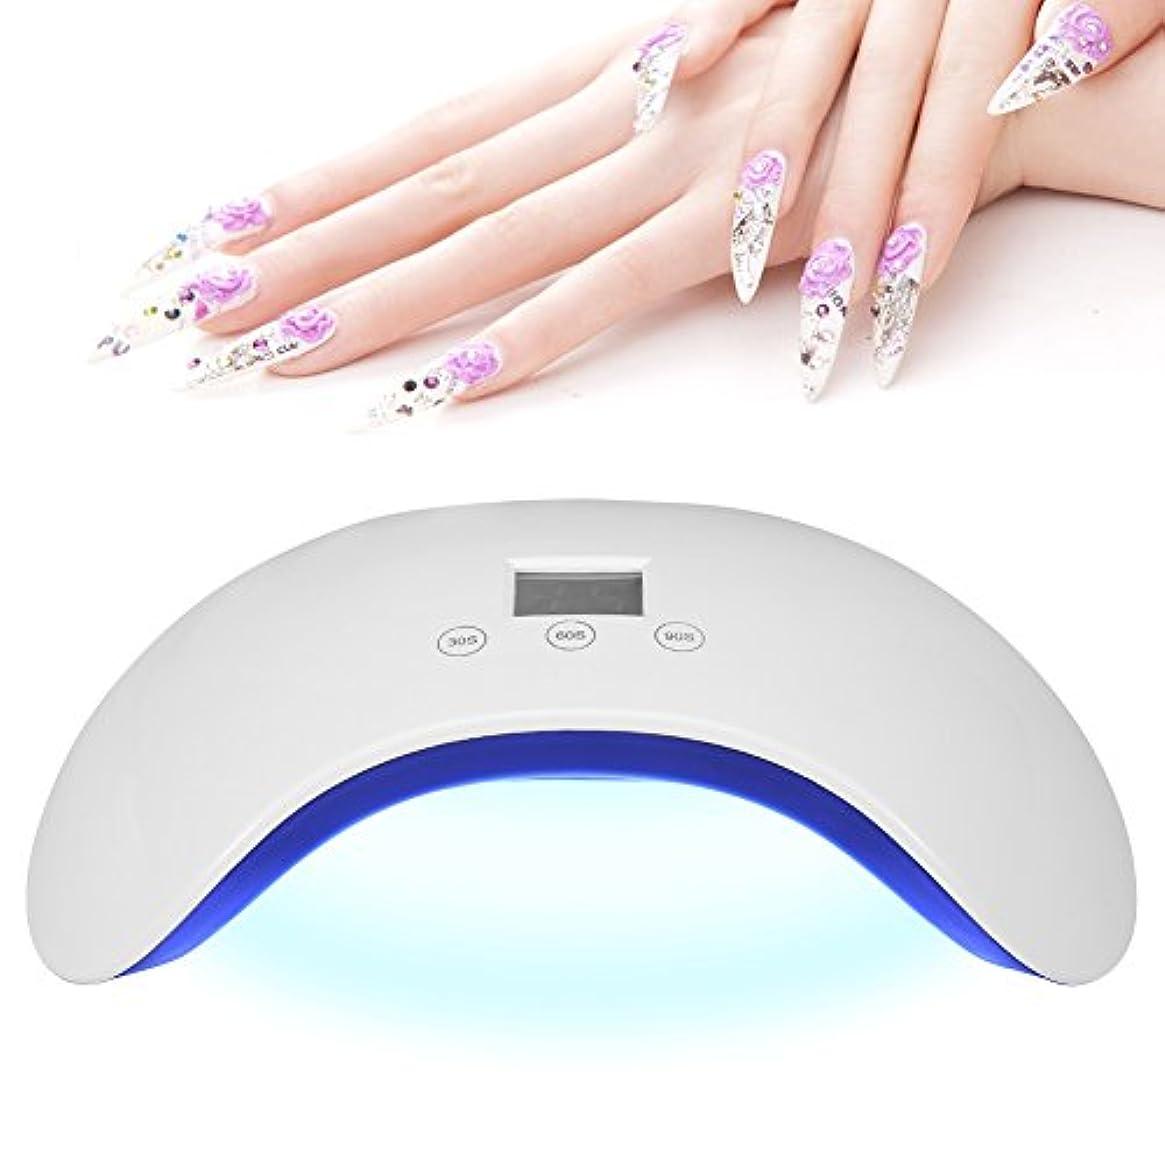 受益者コンチネンタルプレフィックスFilfeel UVネイルランプ LED UVネイルドライヤーネイルアートツールUV LEDゲルネイルスマートセンサー付き爪&足裏ベースポリッシュ(ホワイト)